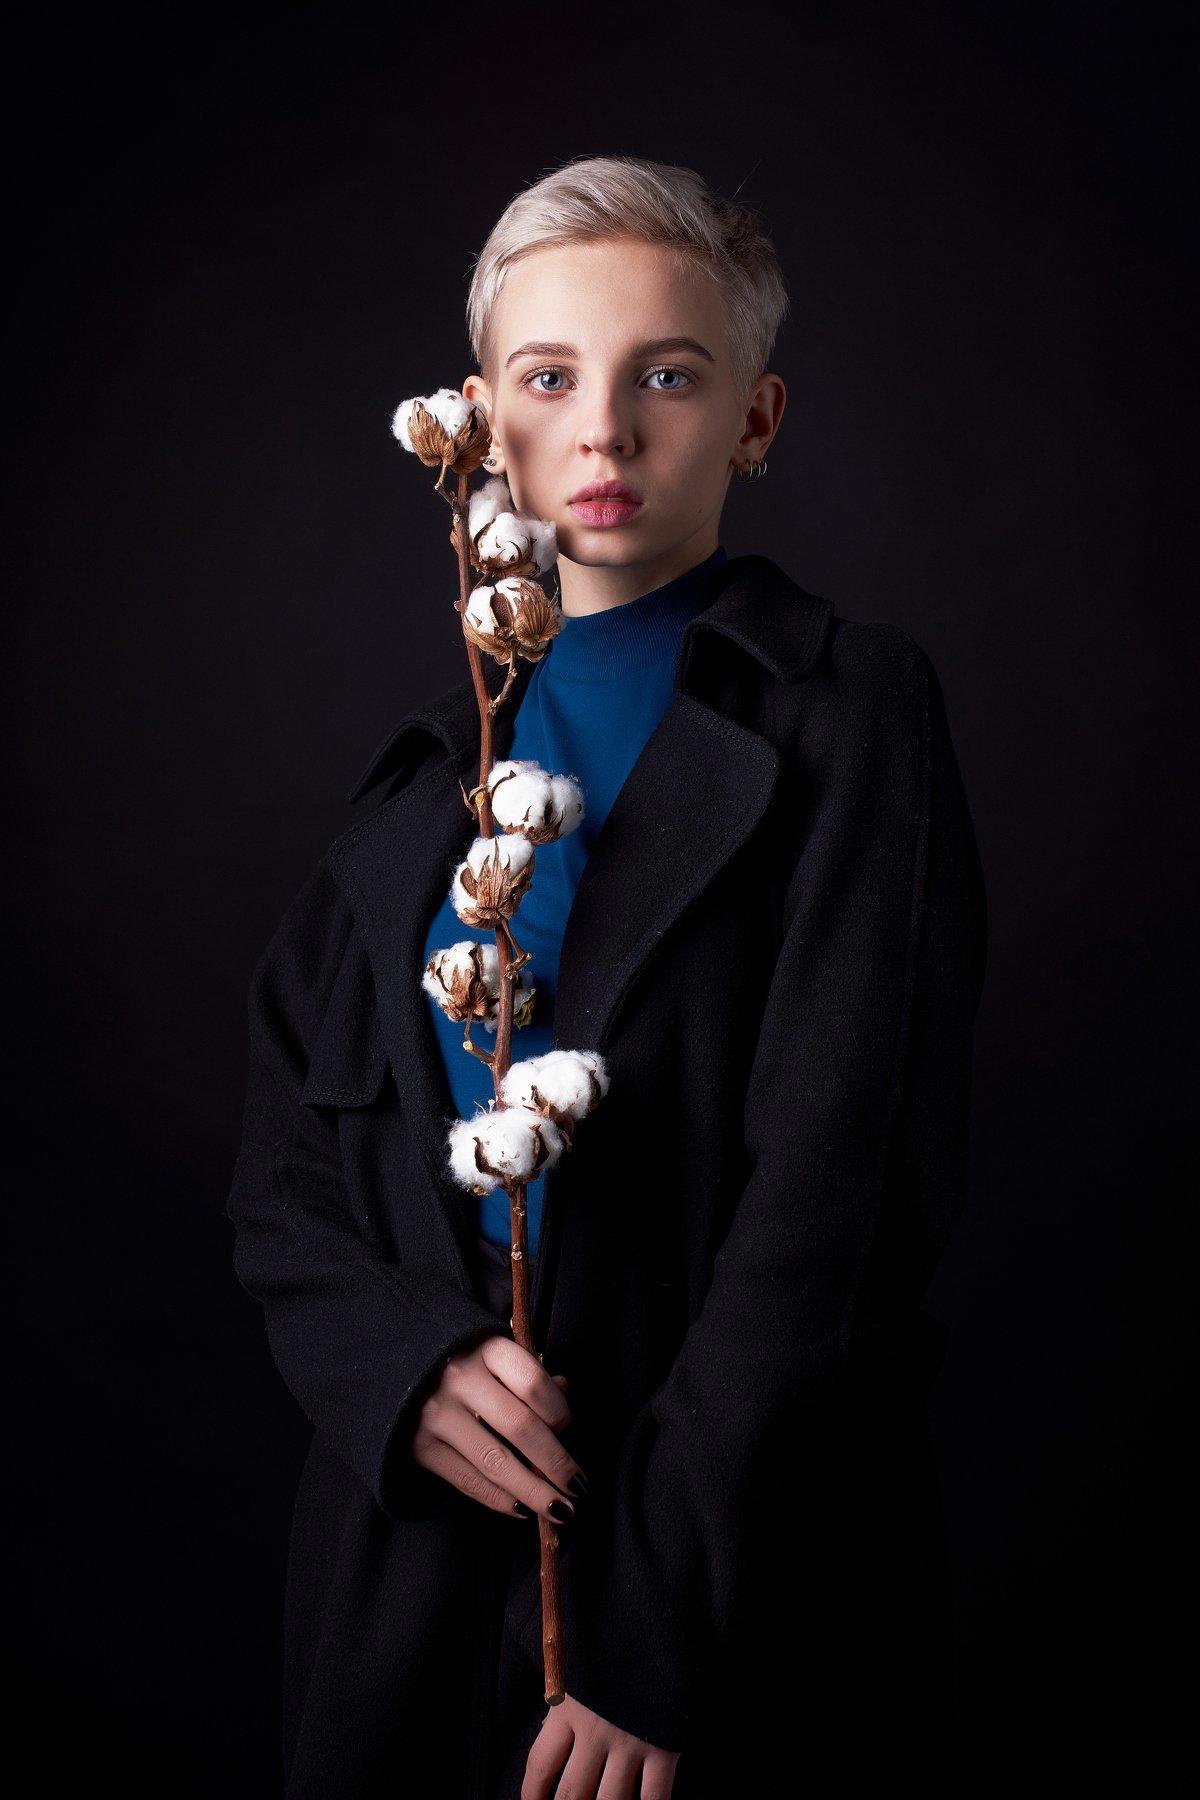 портрет, девушка, хлопок, глаза, blue eyes, portrait, low key, blonde, Наташа Высоцкая